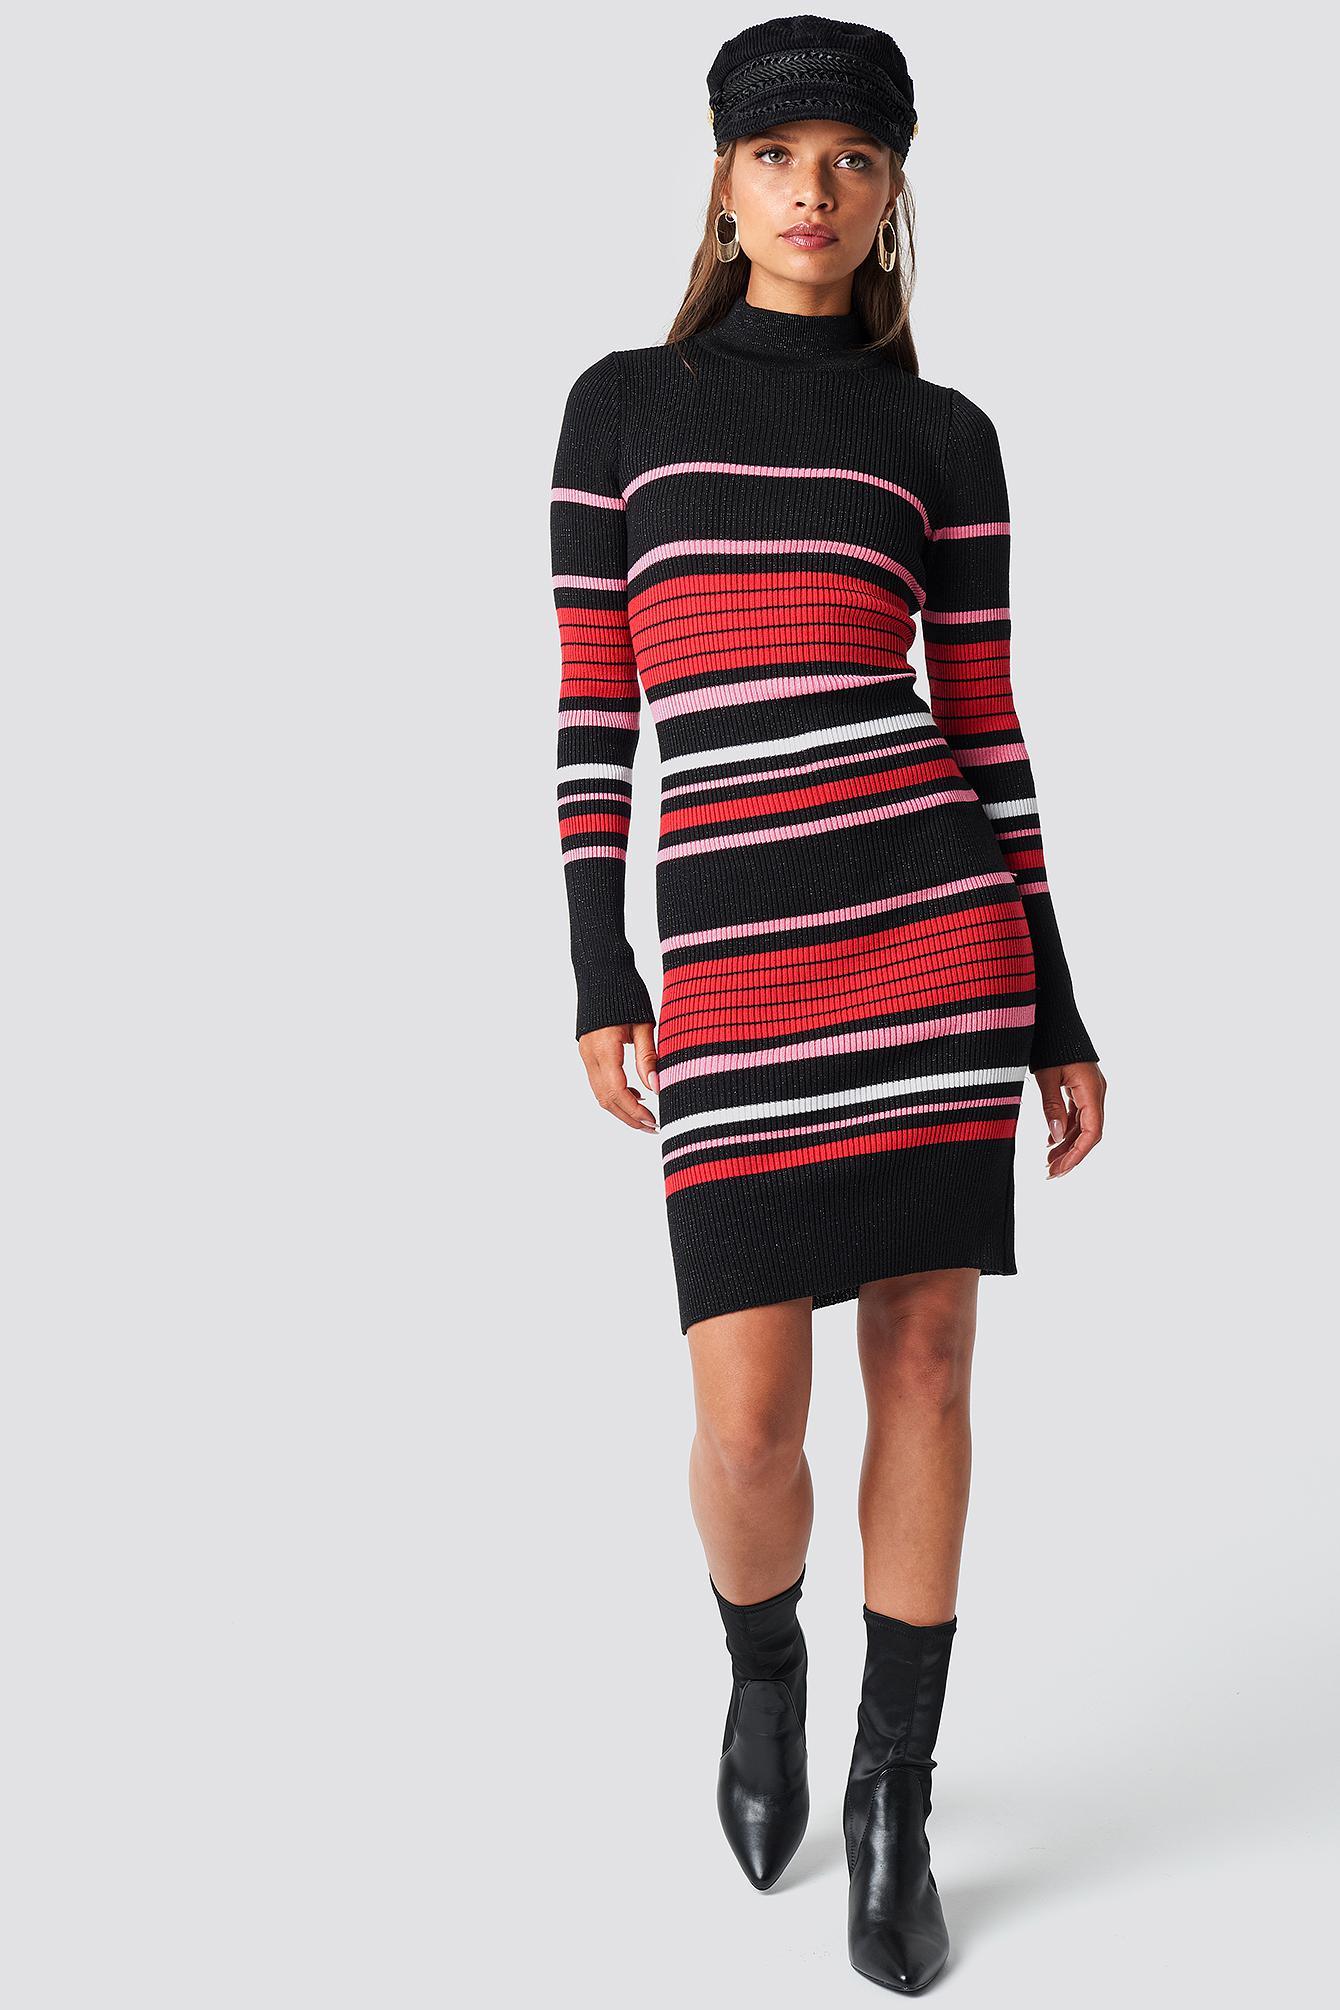 a766c843d85 Trendyol - Stripe Sweater Midi Dress Black - Lyst. View fullscreen